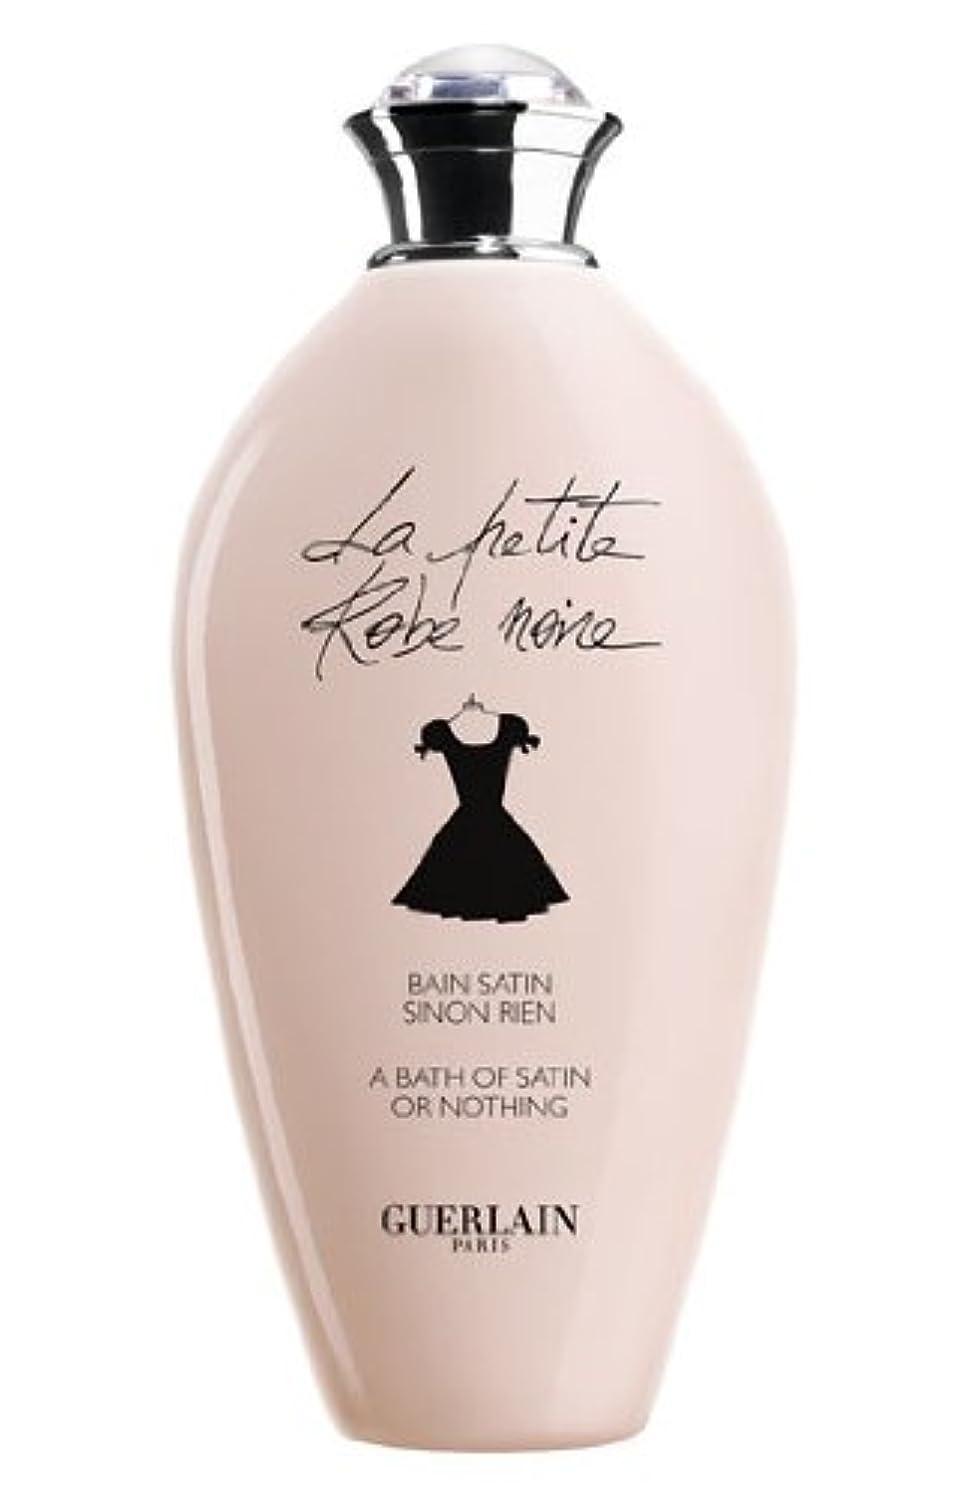 痛み瞑想する不平を言うLa Petite Robe Noire (ラ プティ ローブ ノアー) 6.7 oz (200ml) Bath Gel by Guerlain for Women